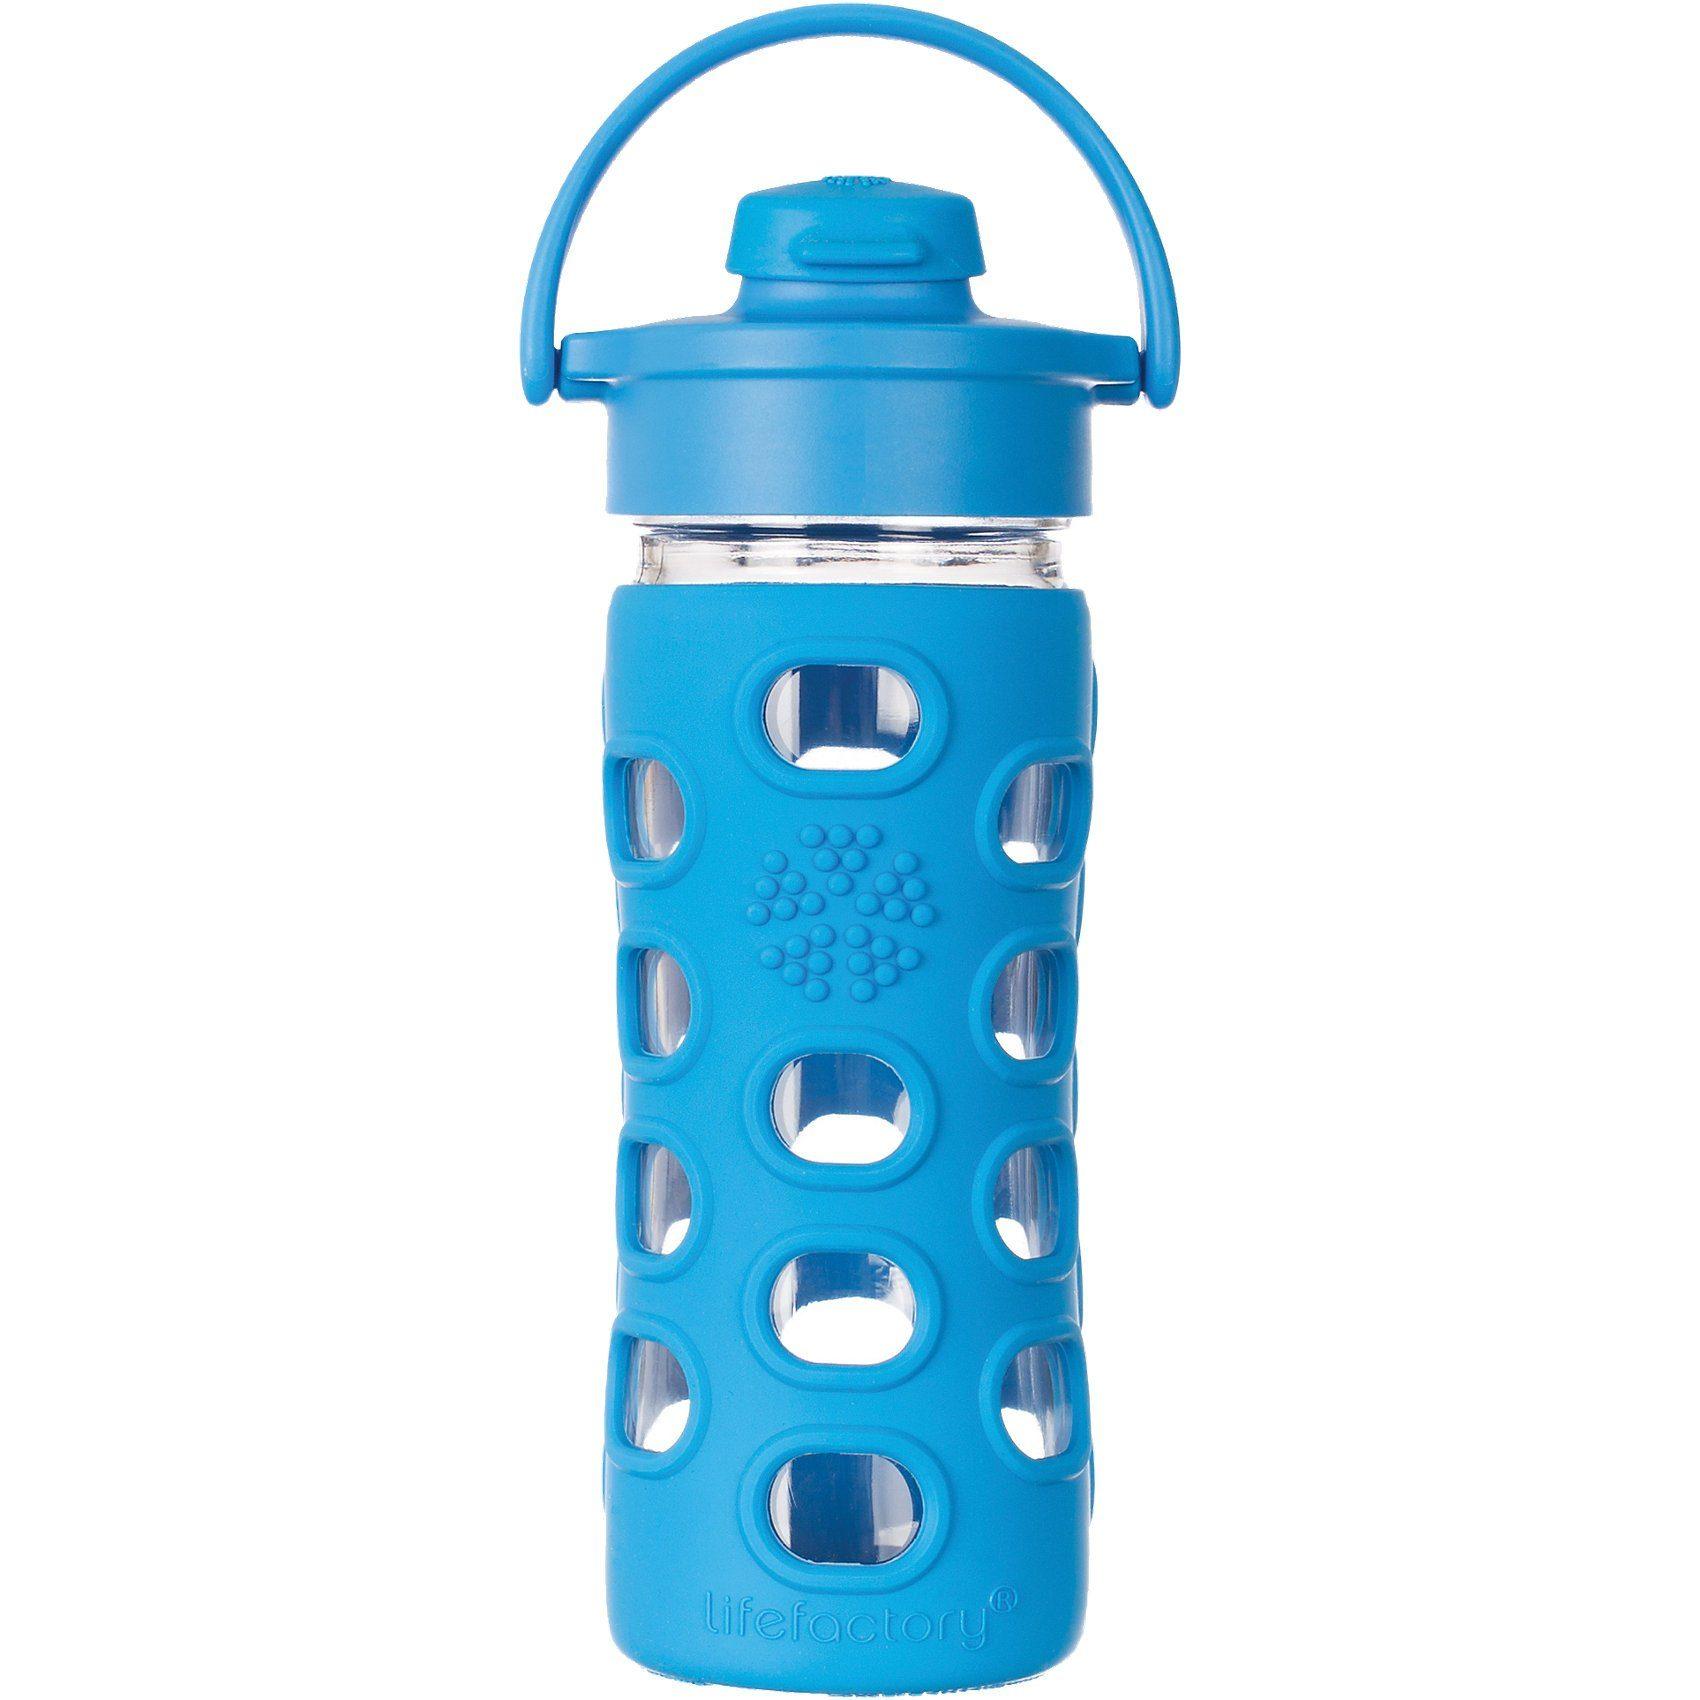 Lifefactory Trinkflasche Glas ocean Flip Top Cap, 350ml